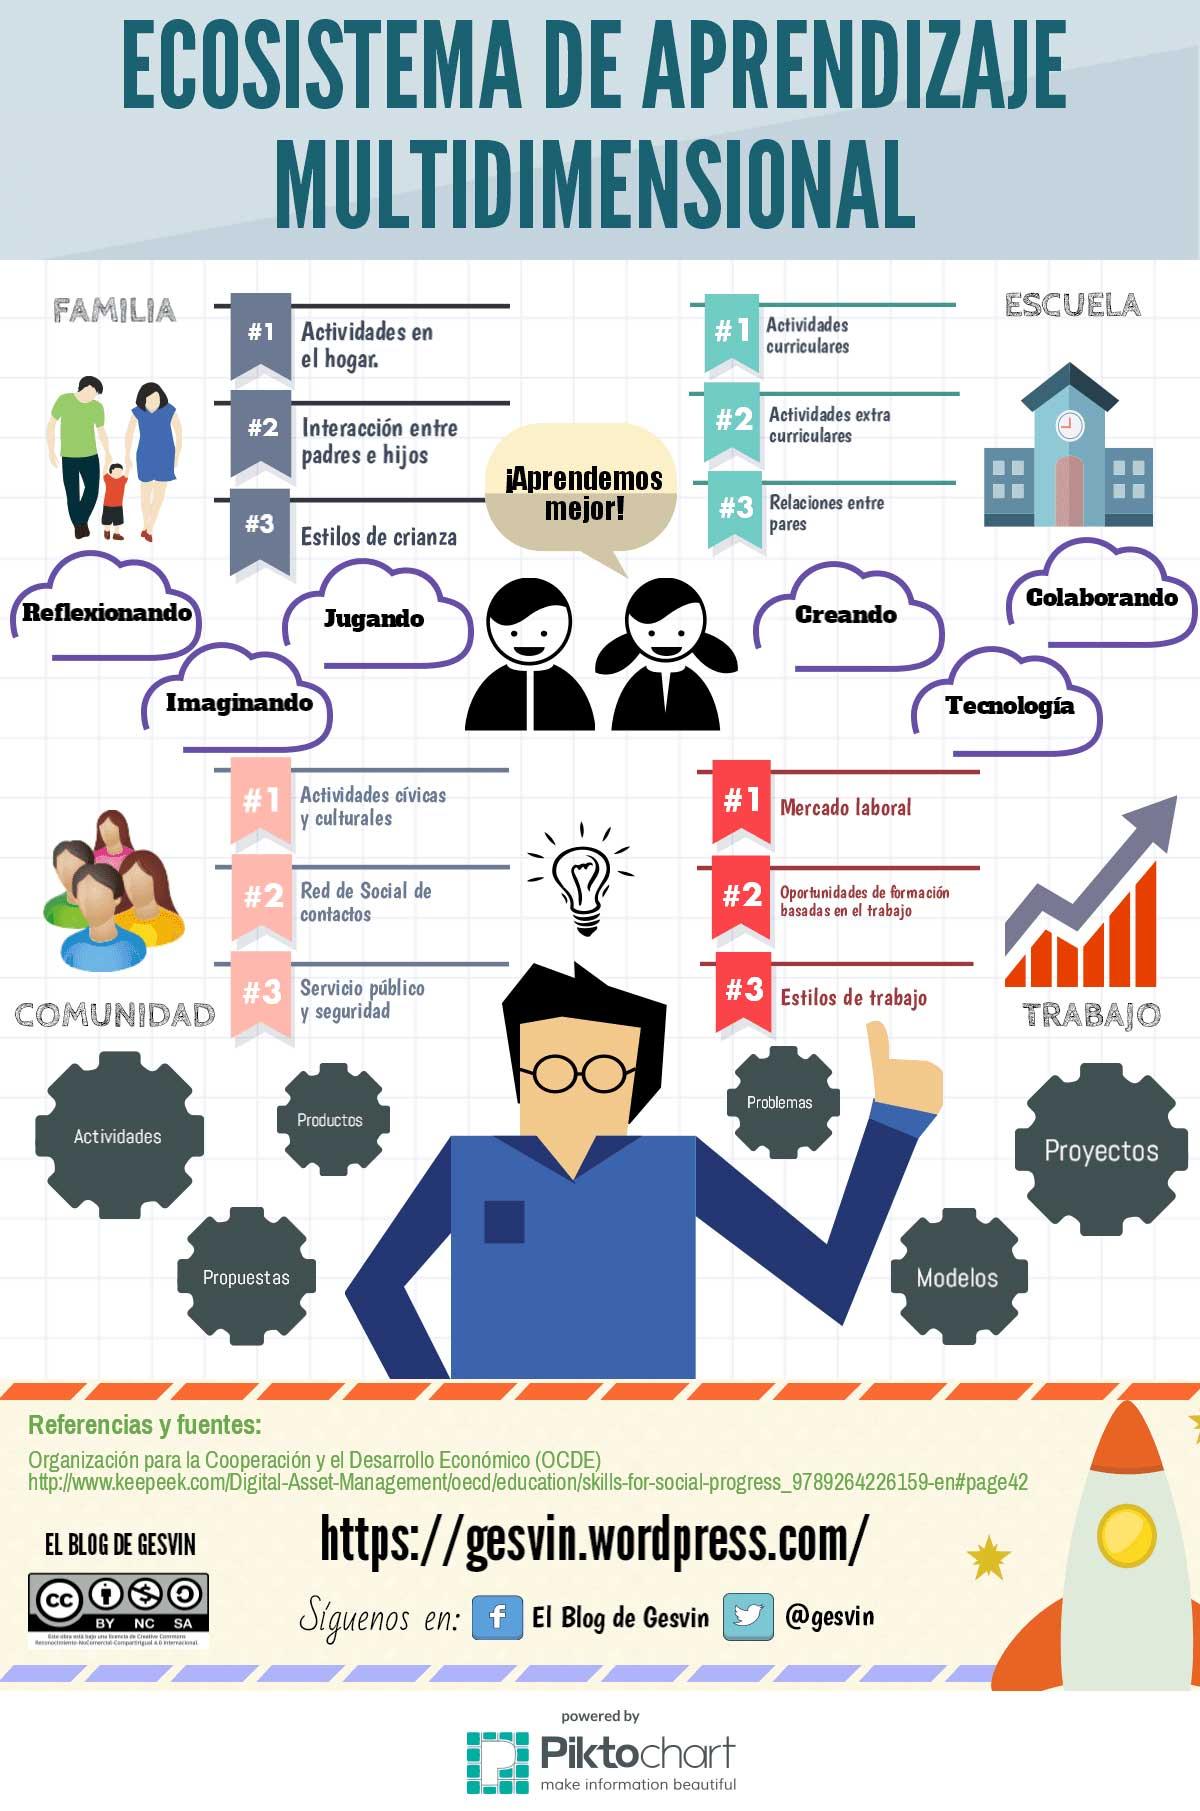 Ecosistemas de aprendizaje multidimensional